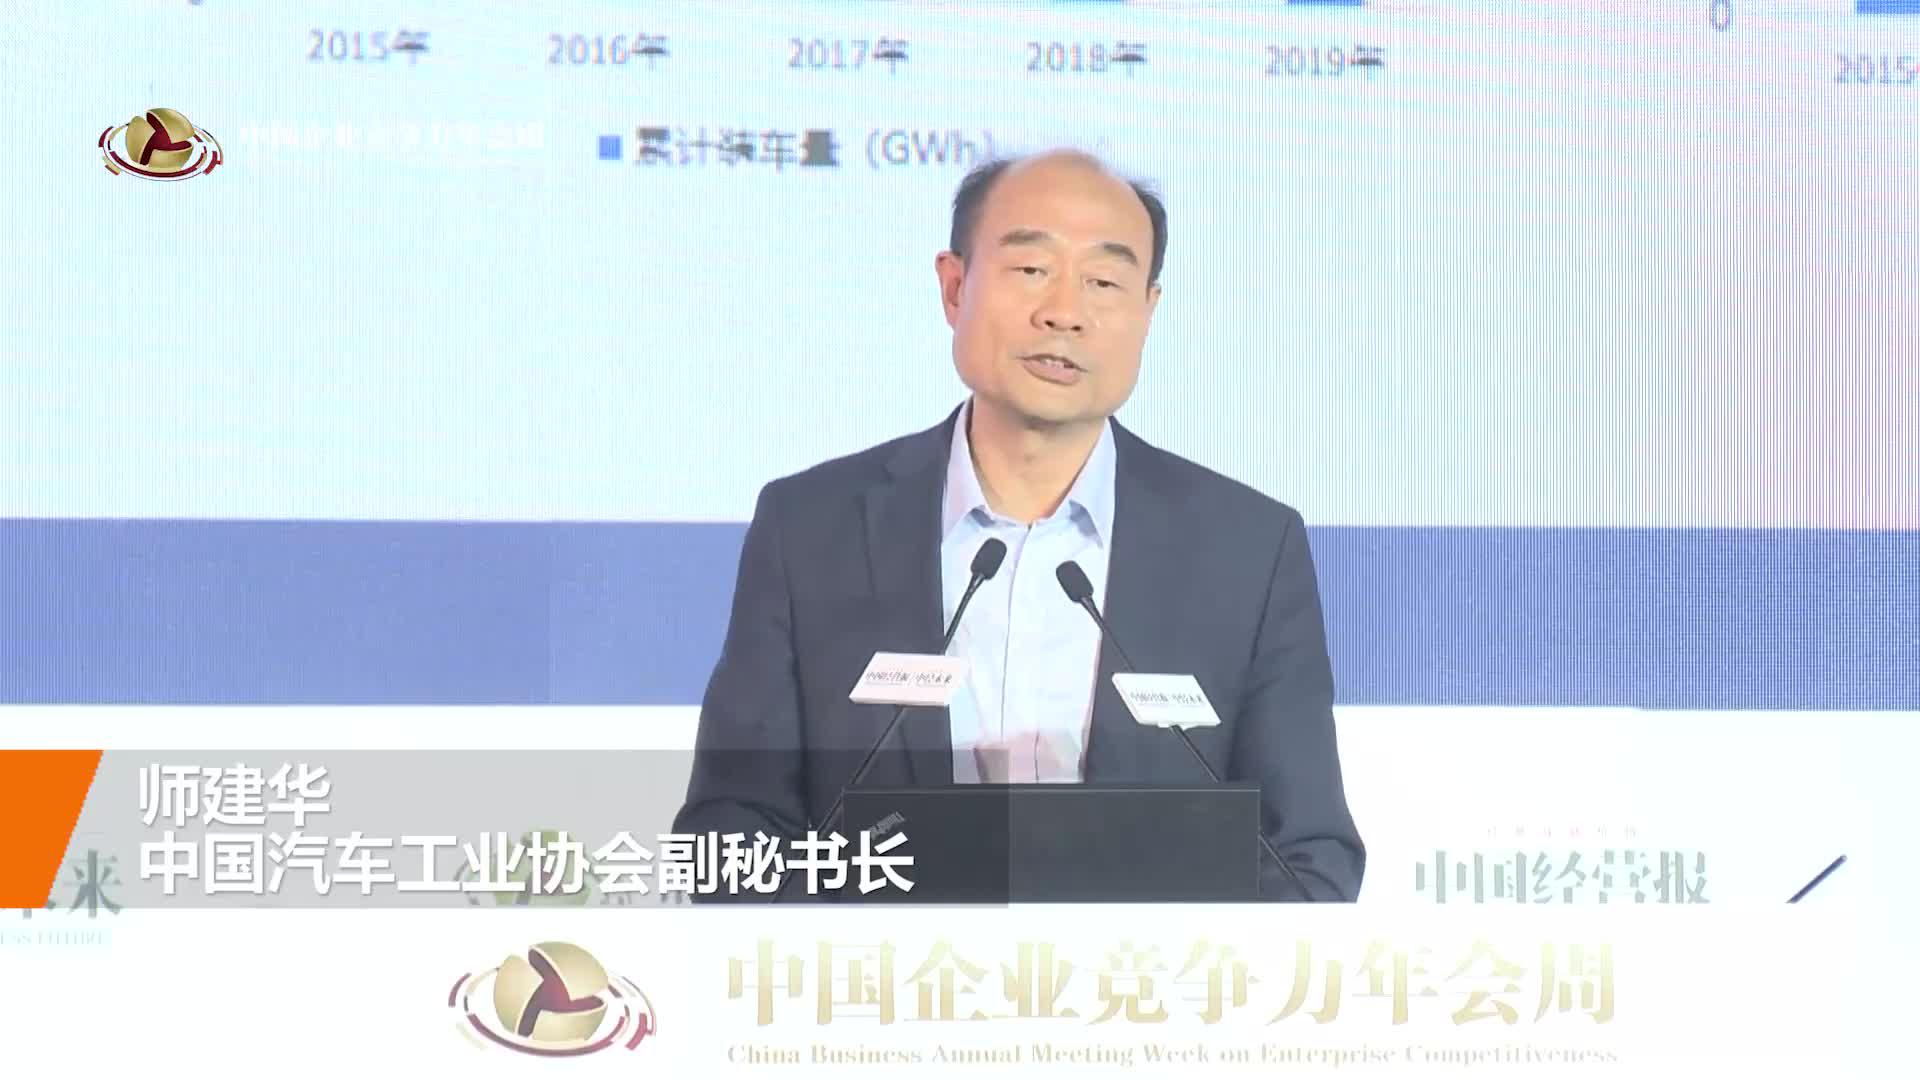 视频 | 中国汽车工业协会副秘书长师建华:我国已经成为了世界最大的新车市场